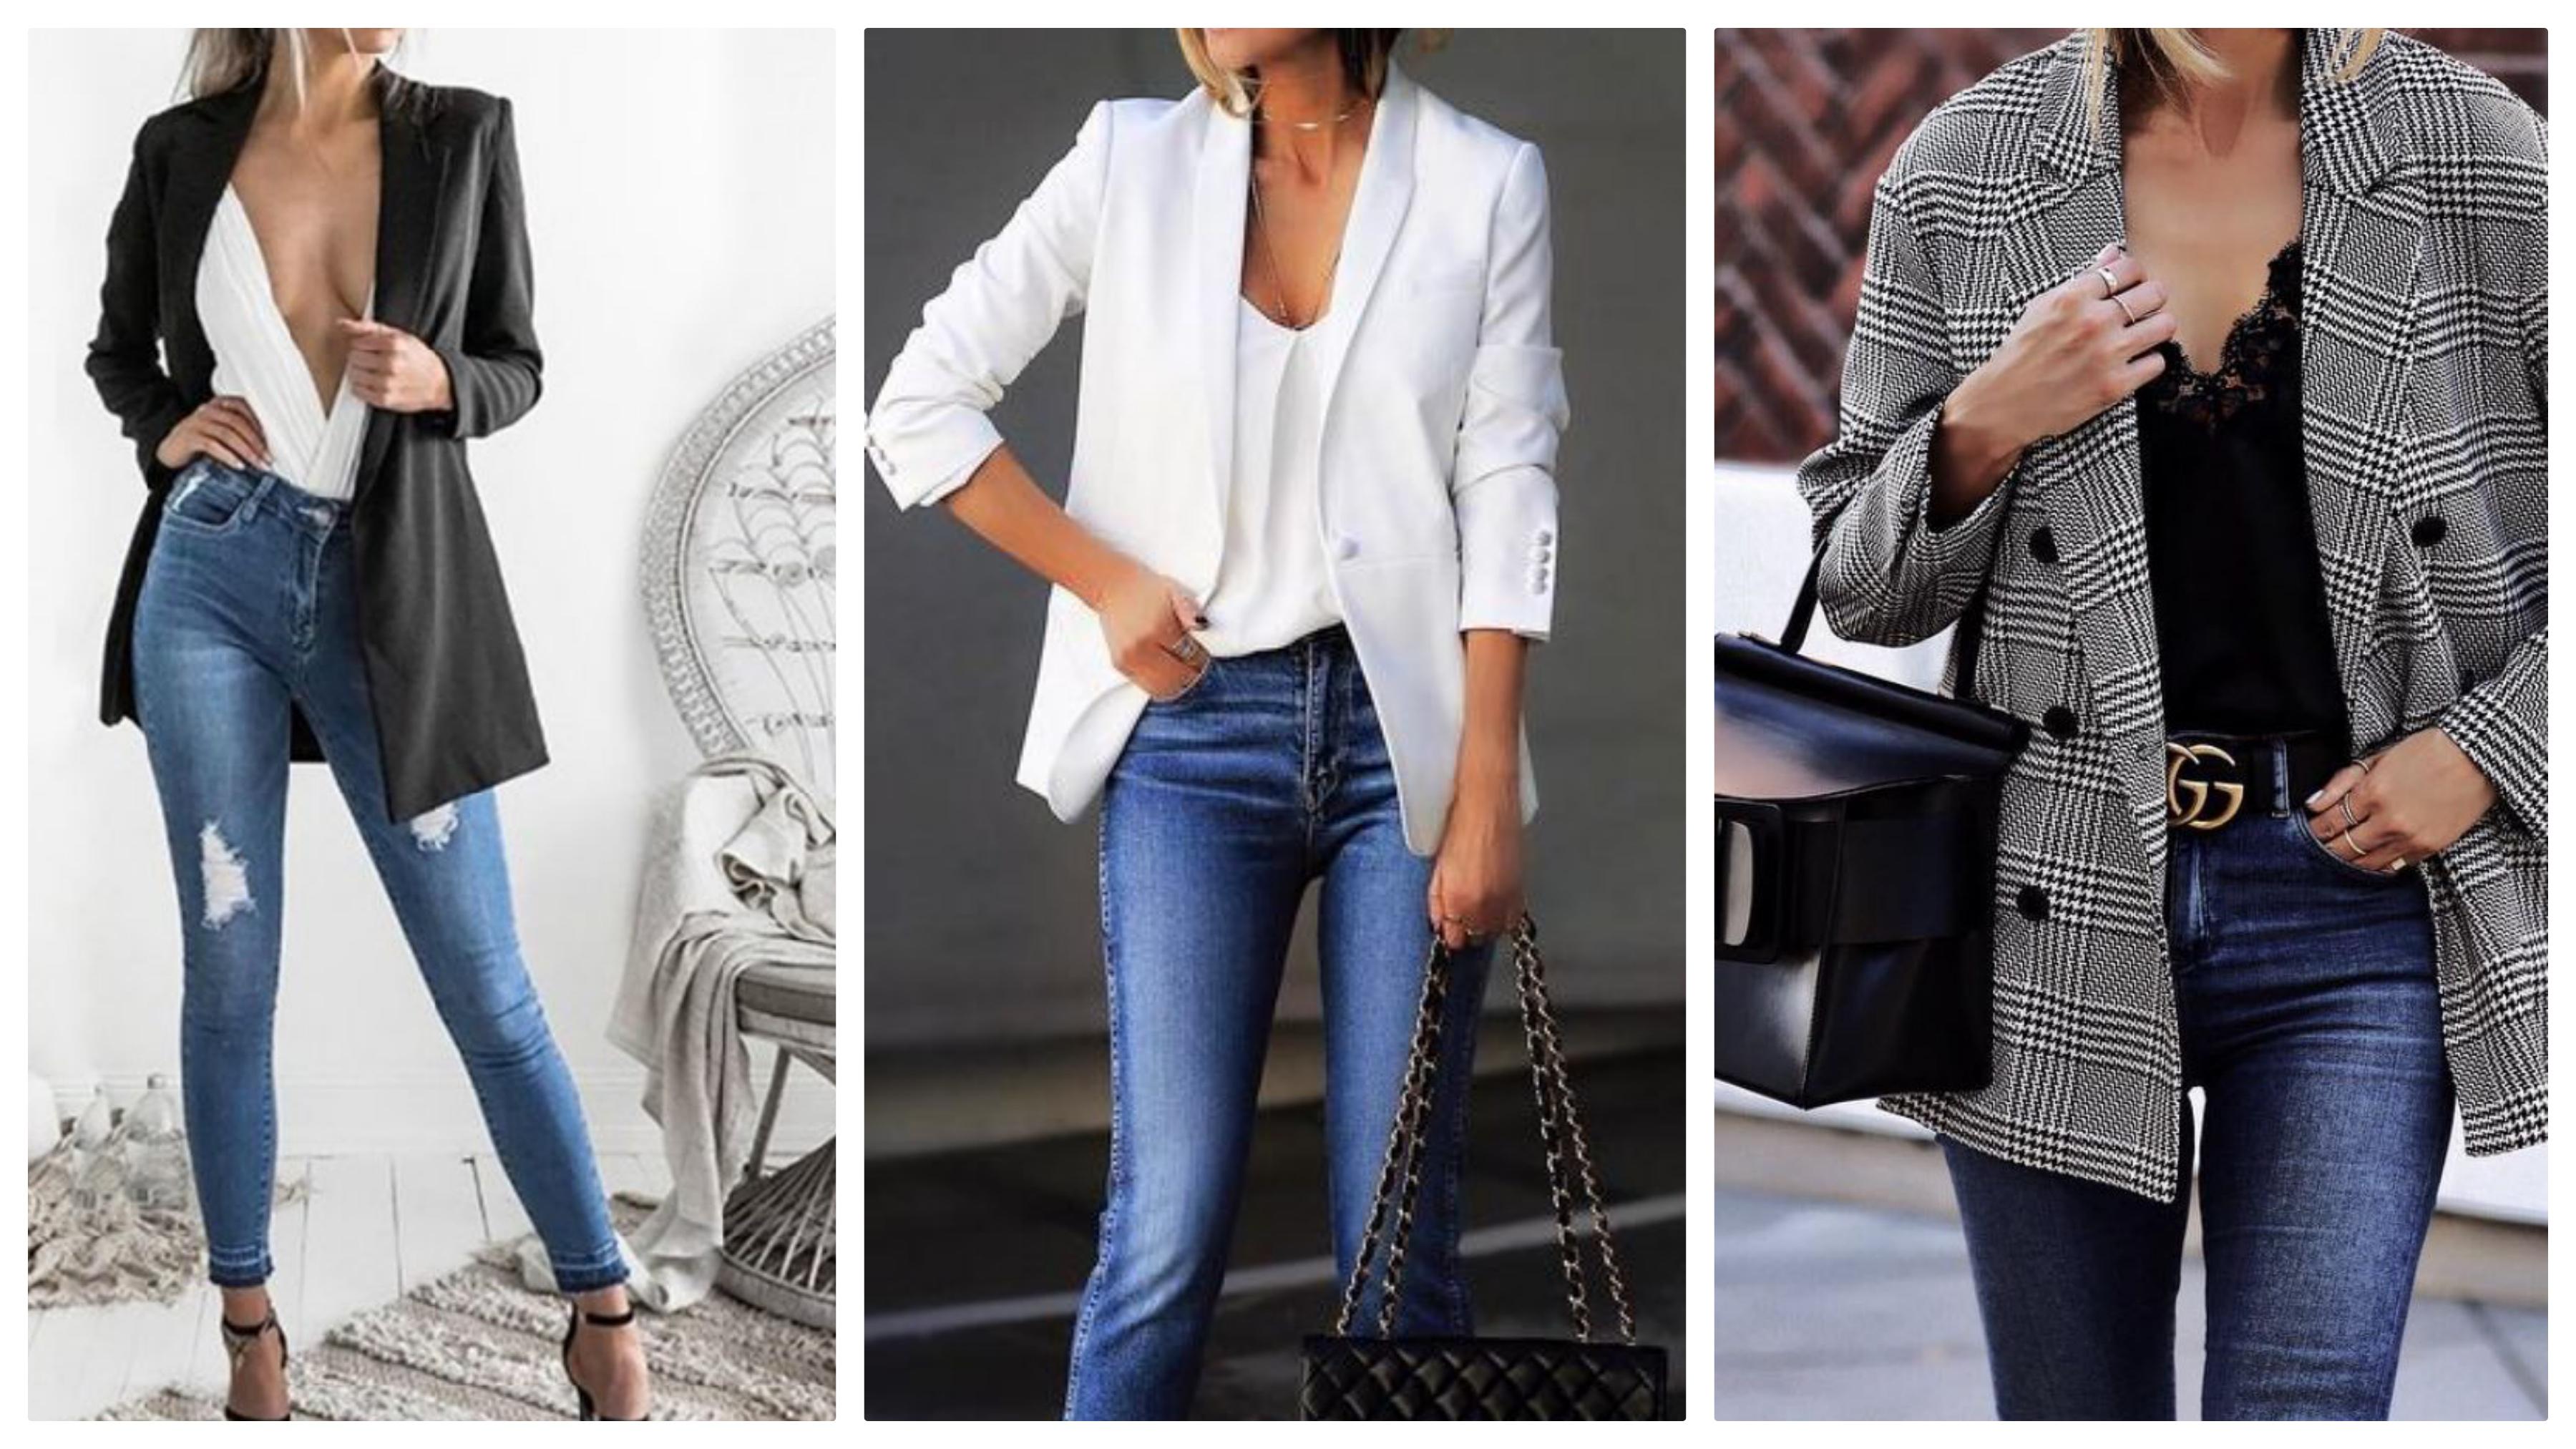 Джинсы, пиджак и топ в бельевом стиле